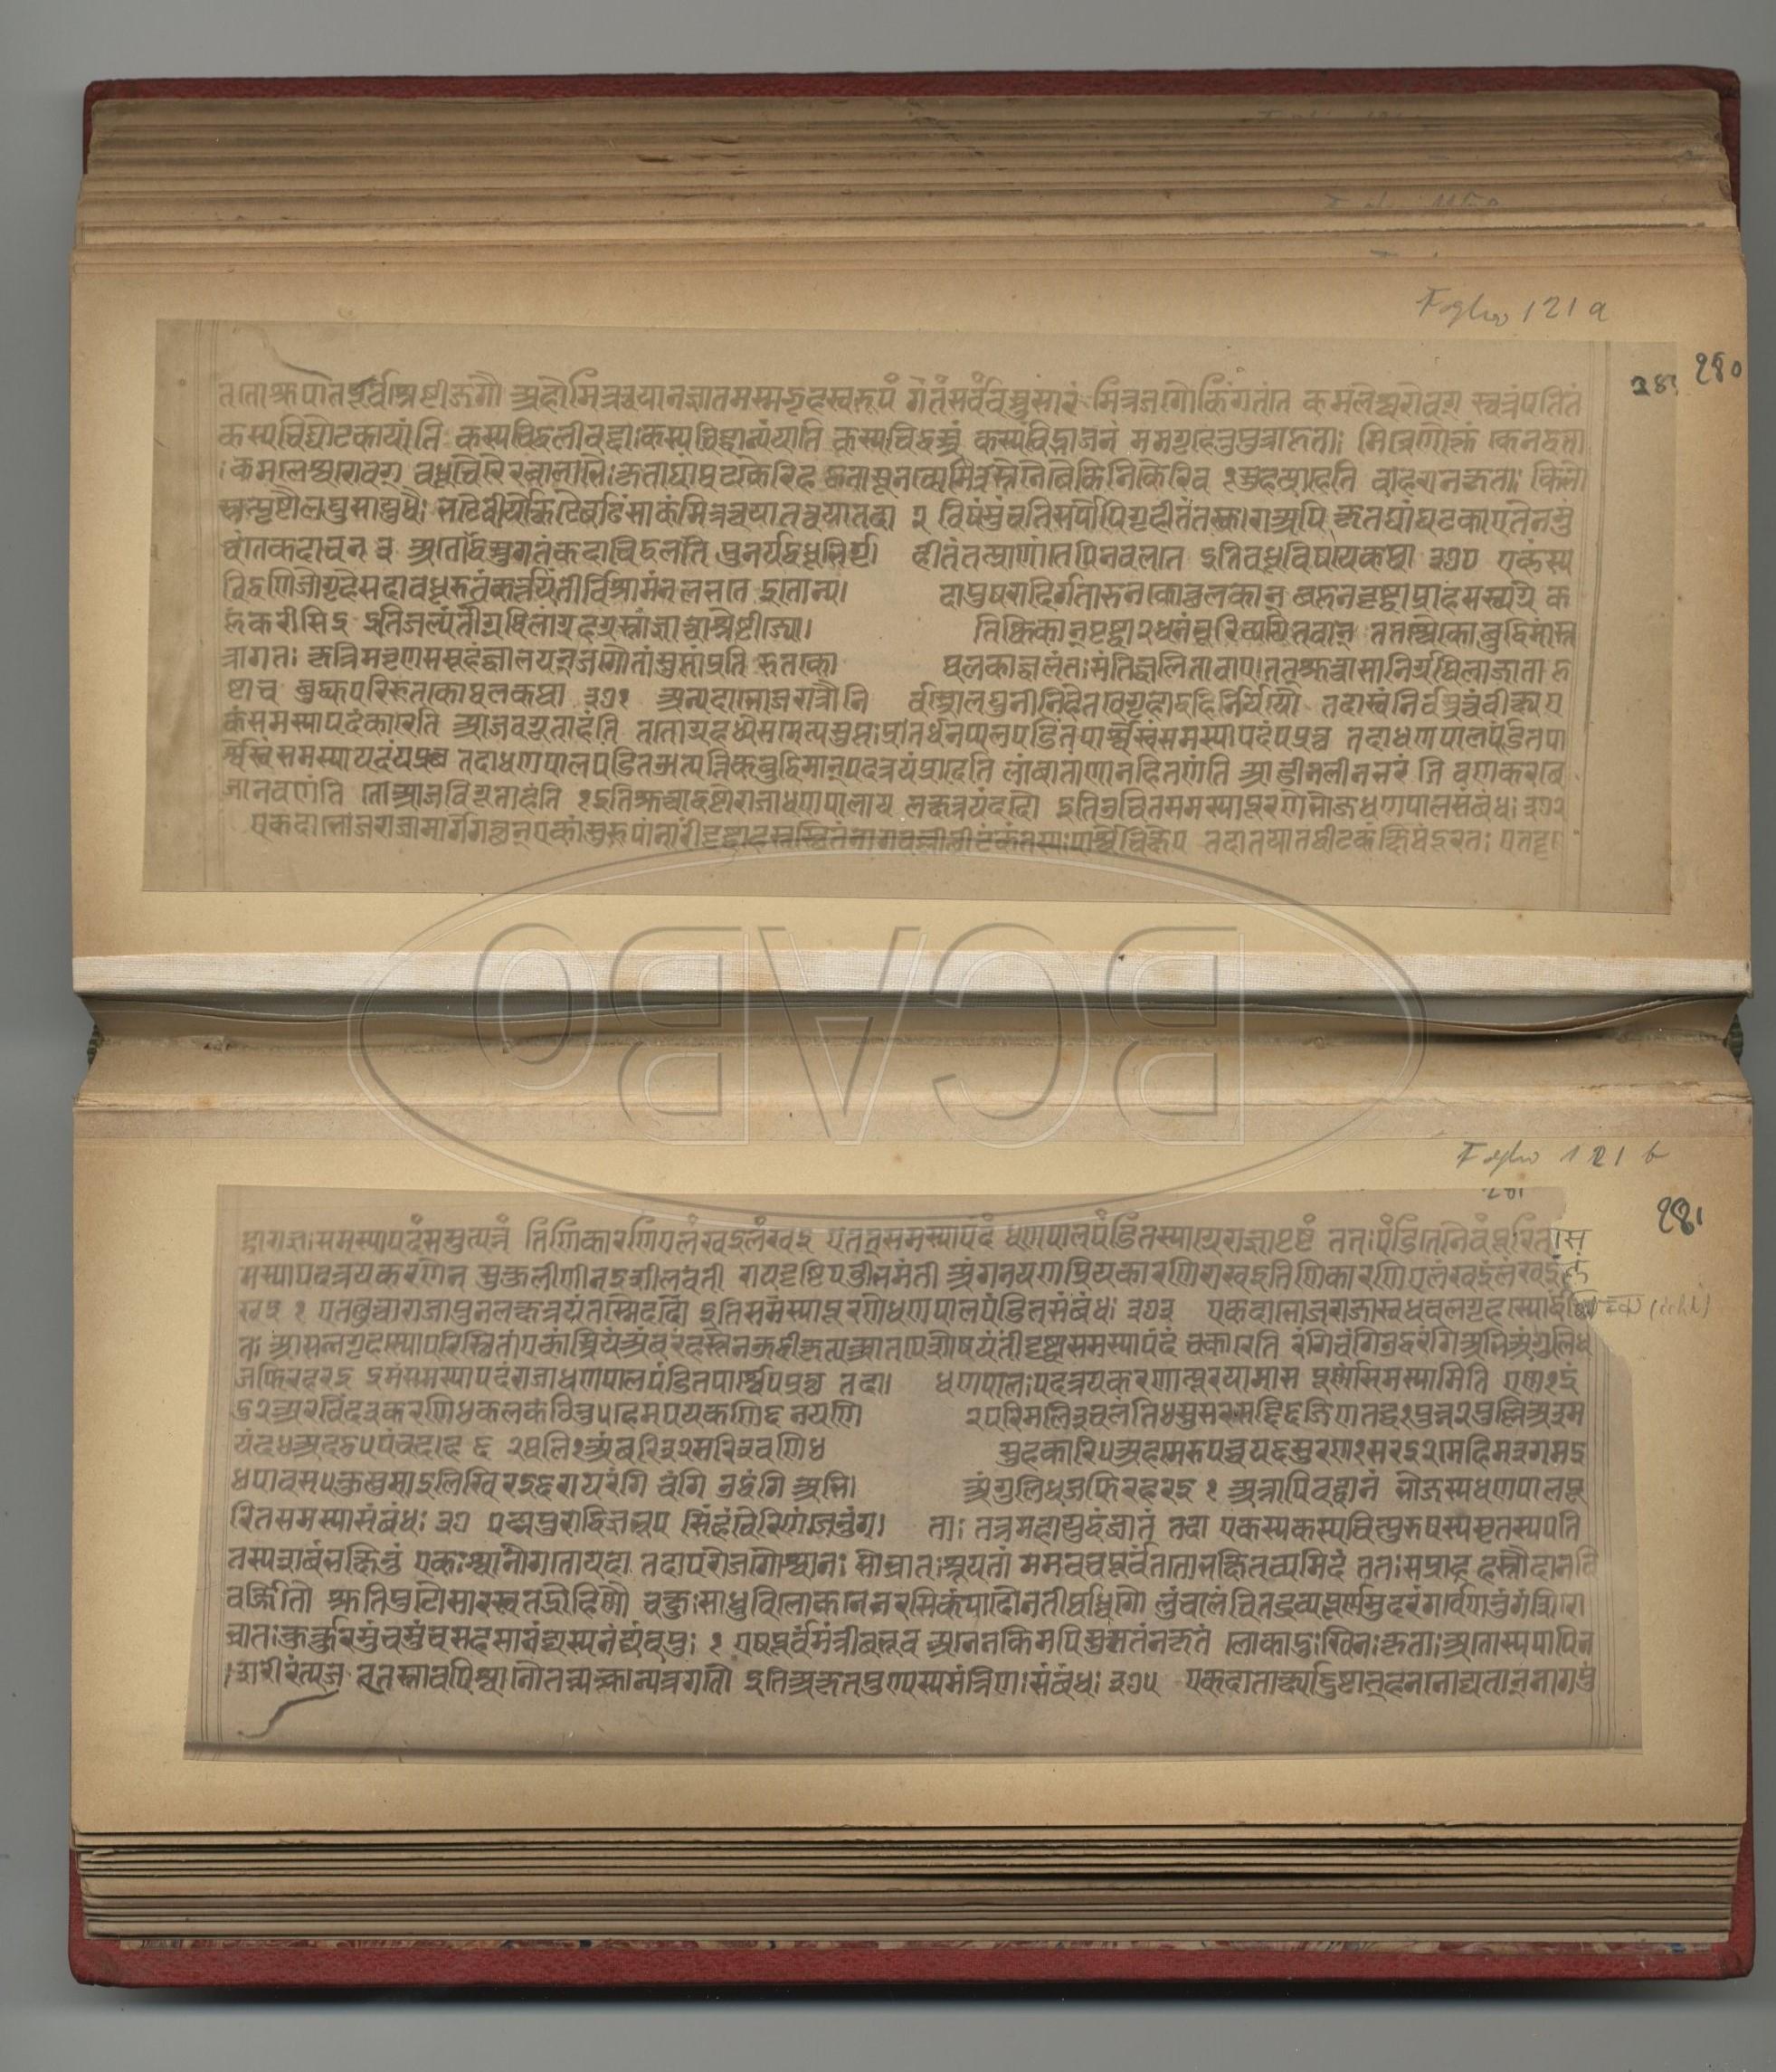 Biblioteca dell'Archiginnasio: manoscritto riprodotto da Pullé nel 1886 per il tramite di riprese fotografiche